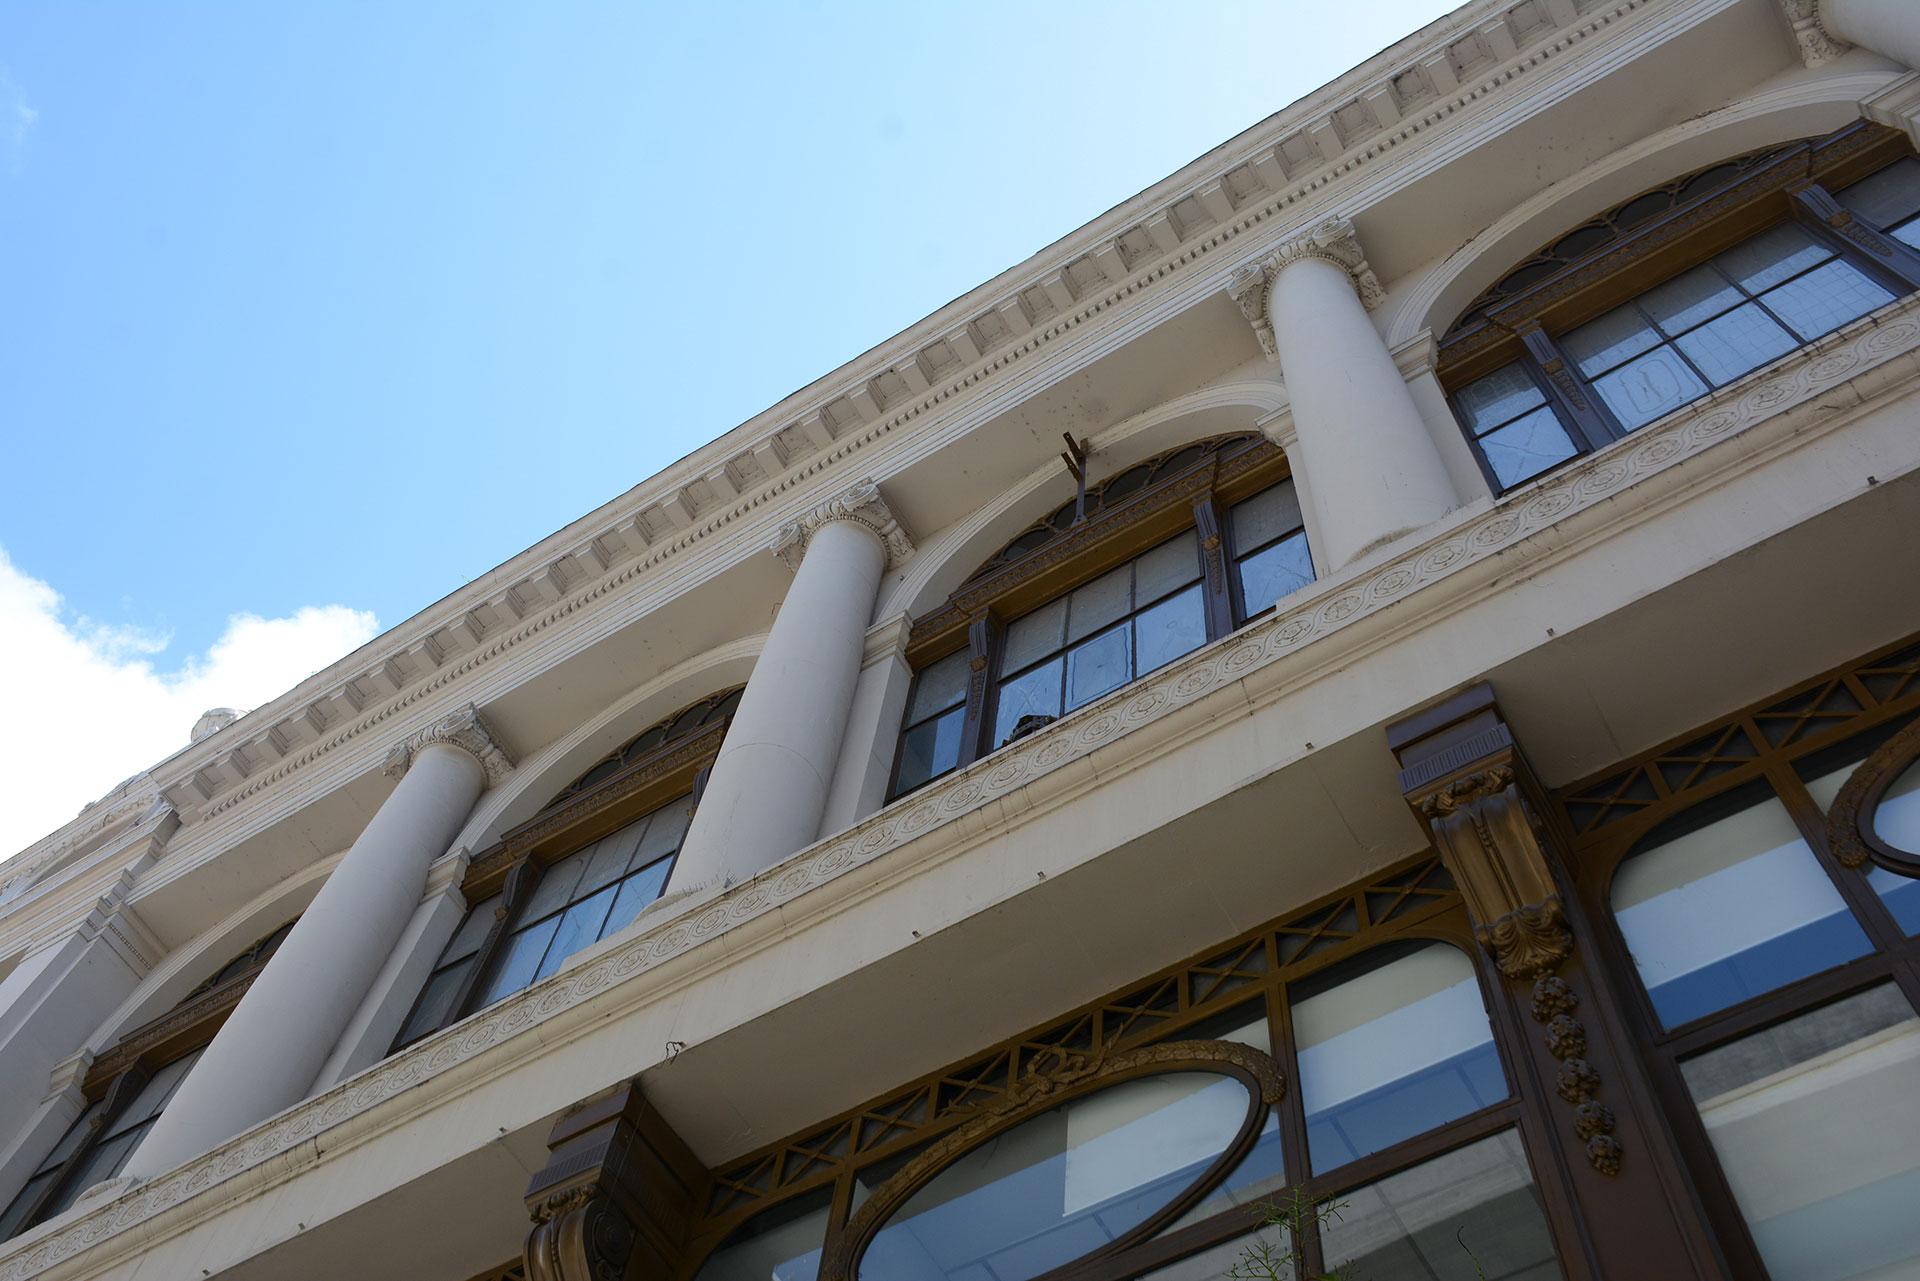 Su fachada es completamente transparente en los niveles inferiores, donde el frente se construye con perfilerías metalicas ornamentadas, grandes paños de vidrio, que solo se interrumpen por columnas de orden dórico en planta baja y primer piso y jónico en el segundo nivel